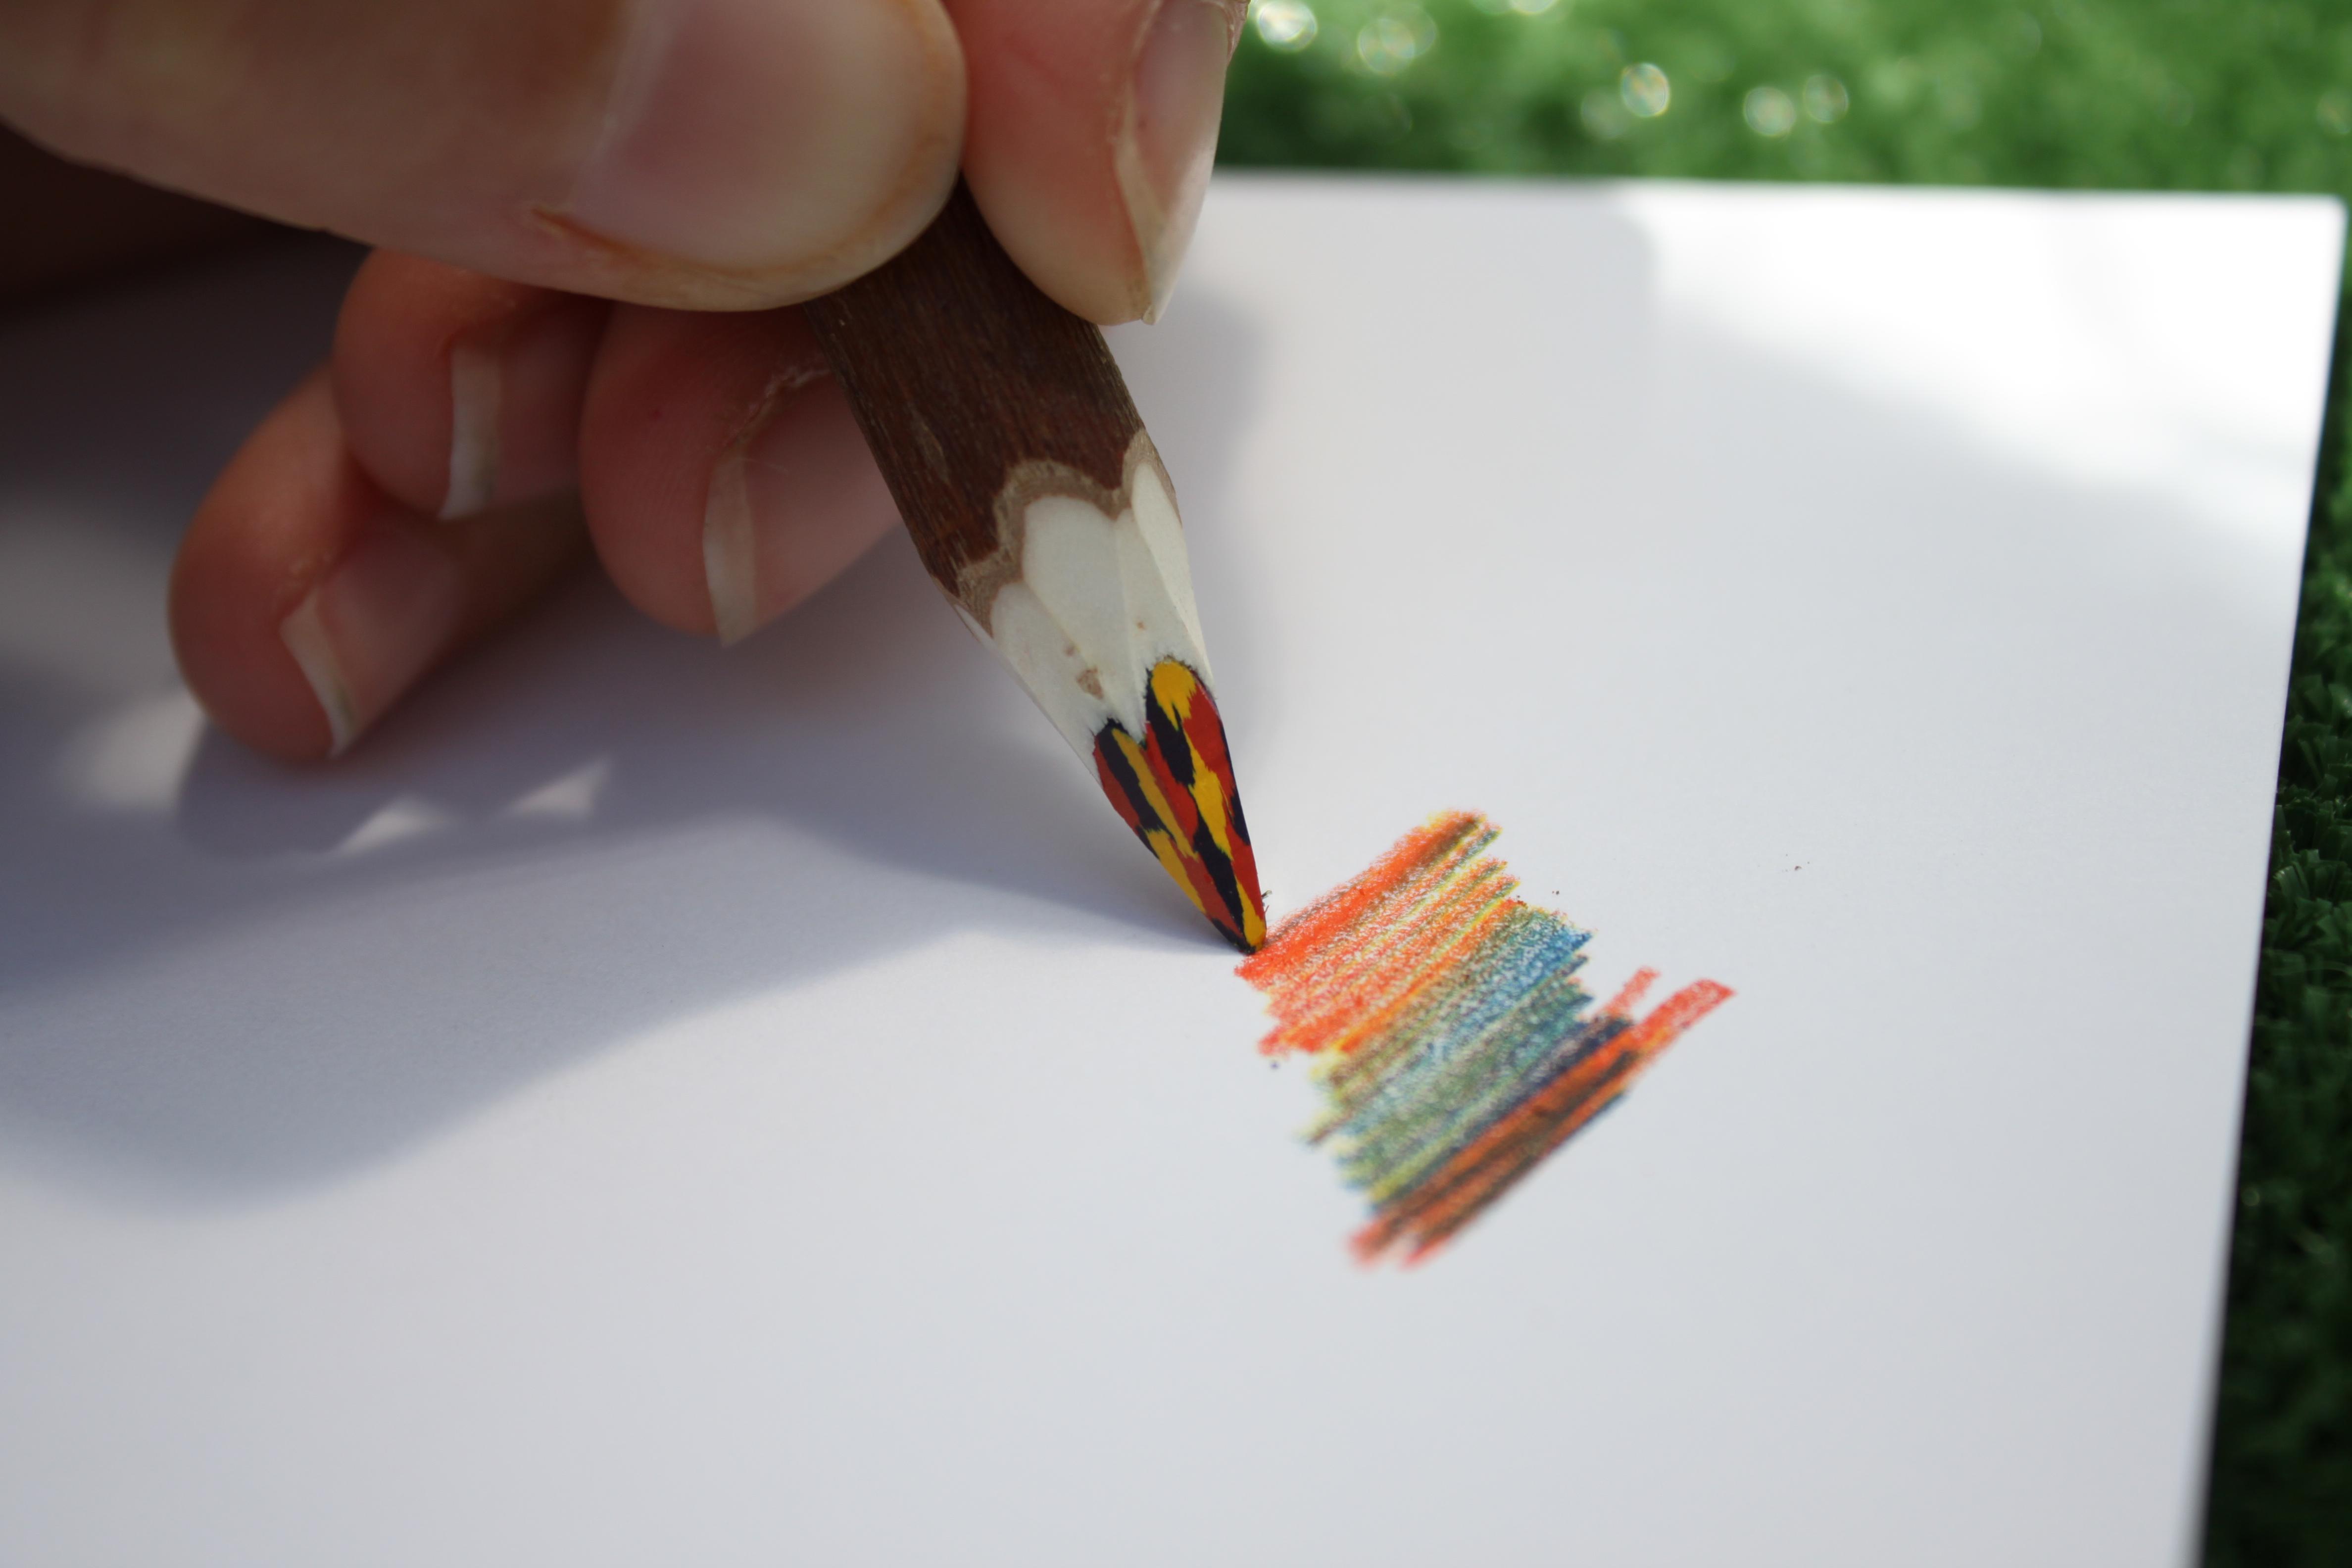 crayon magique atelierducrayon